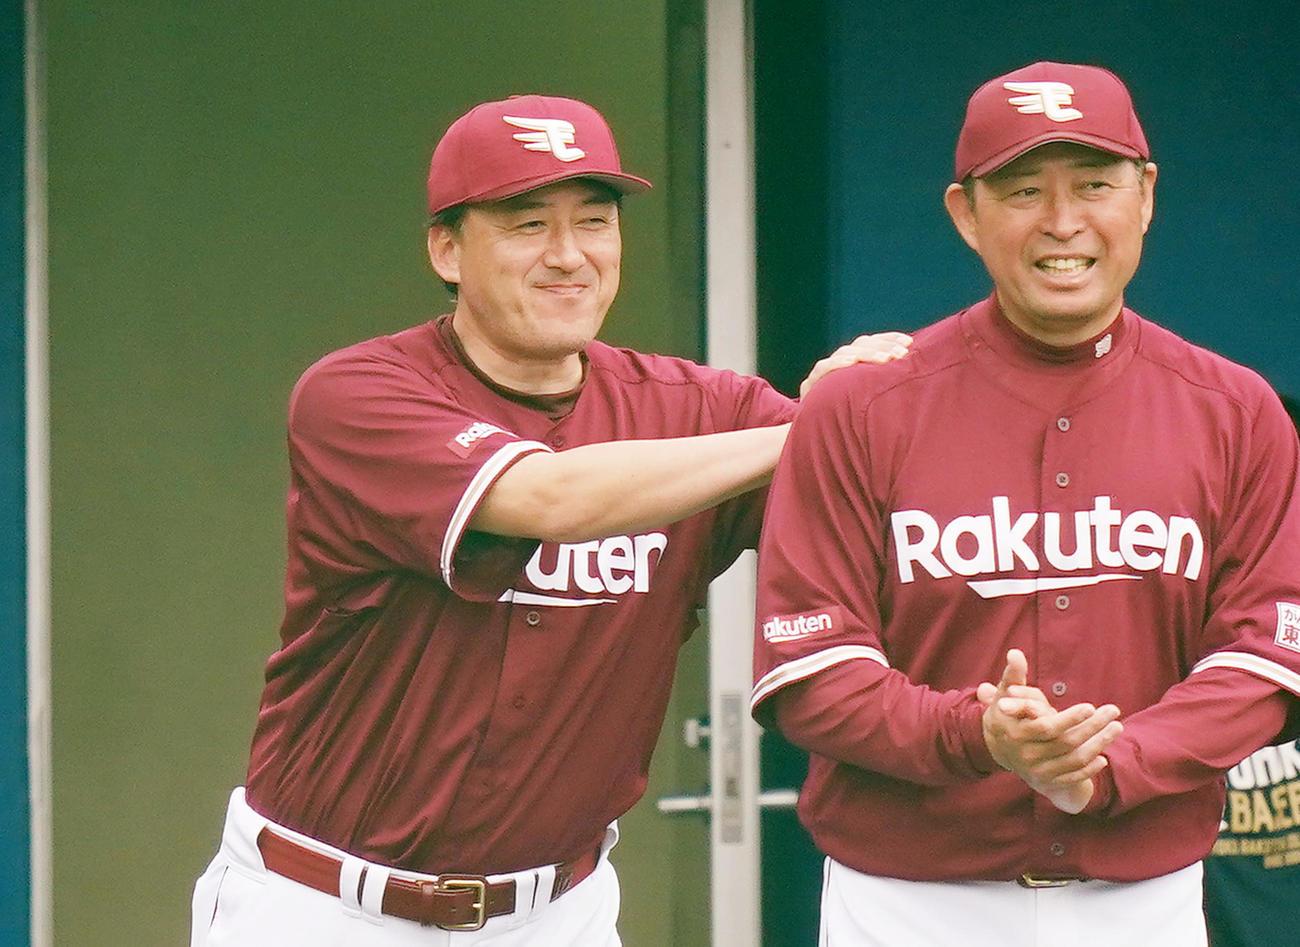 ヤクルトとの練習試合に勝利し、ナインを迎える楽天石井GМ兼監督(左)(撮影・菅敏)